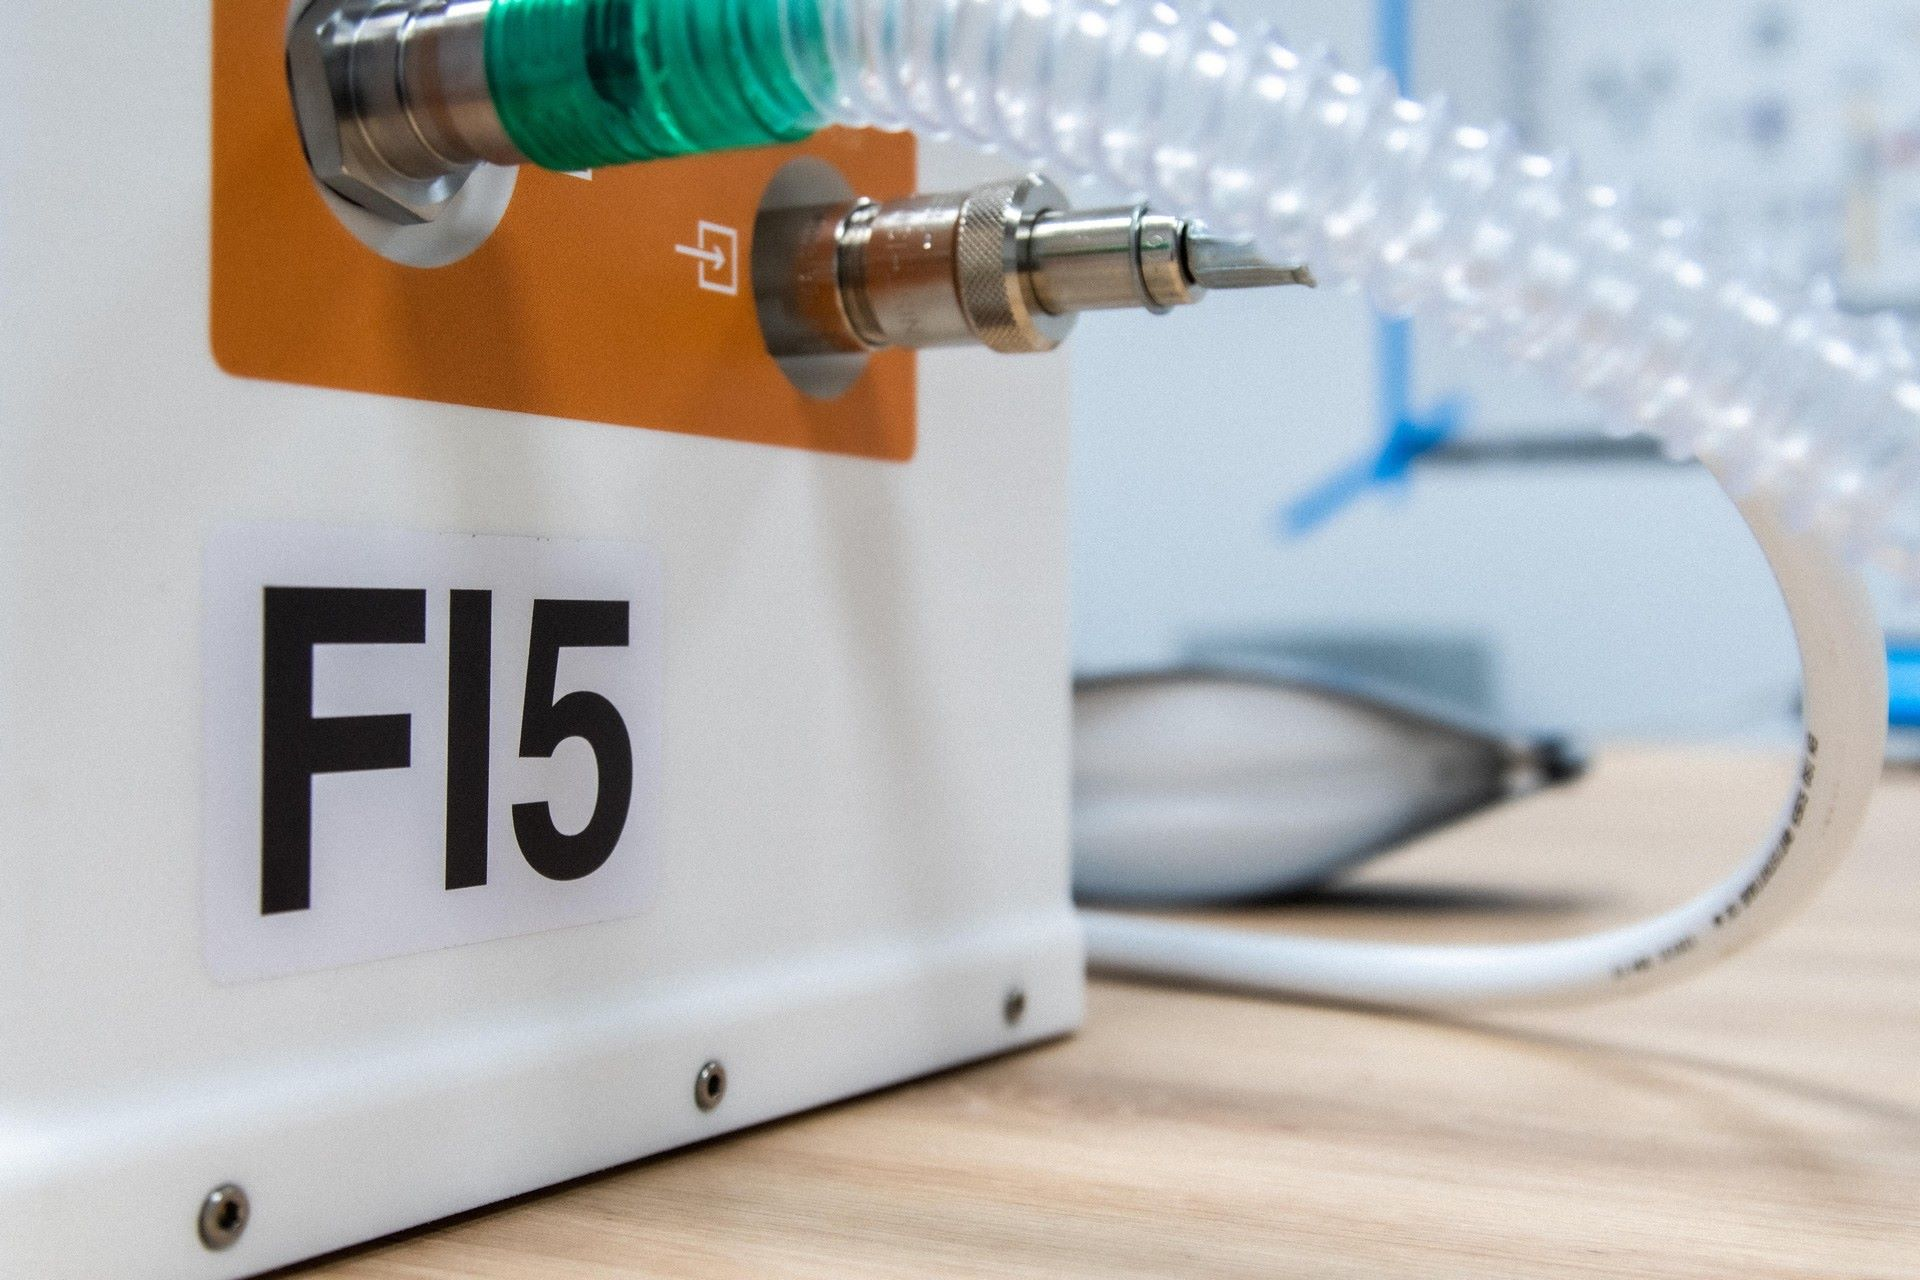 Ferrari-FI5-Ventilator-13